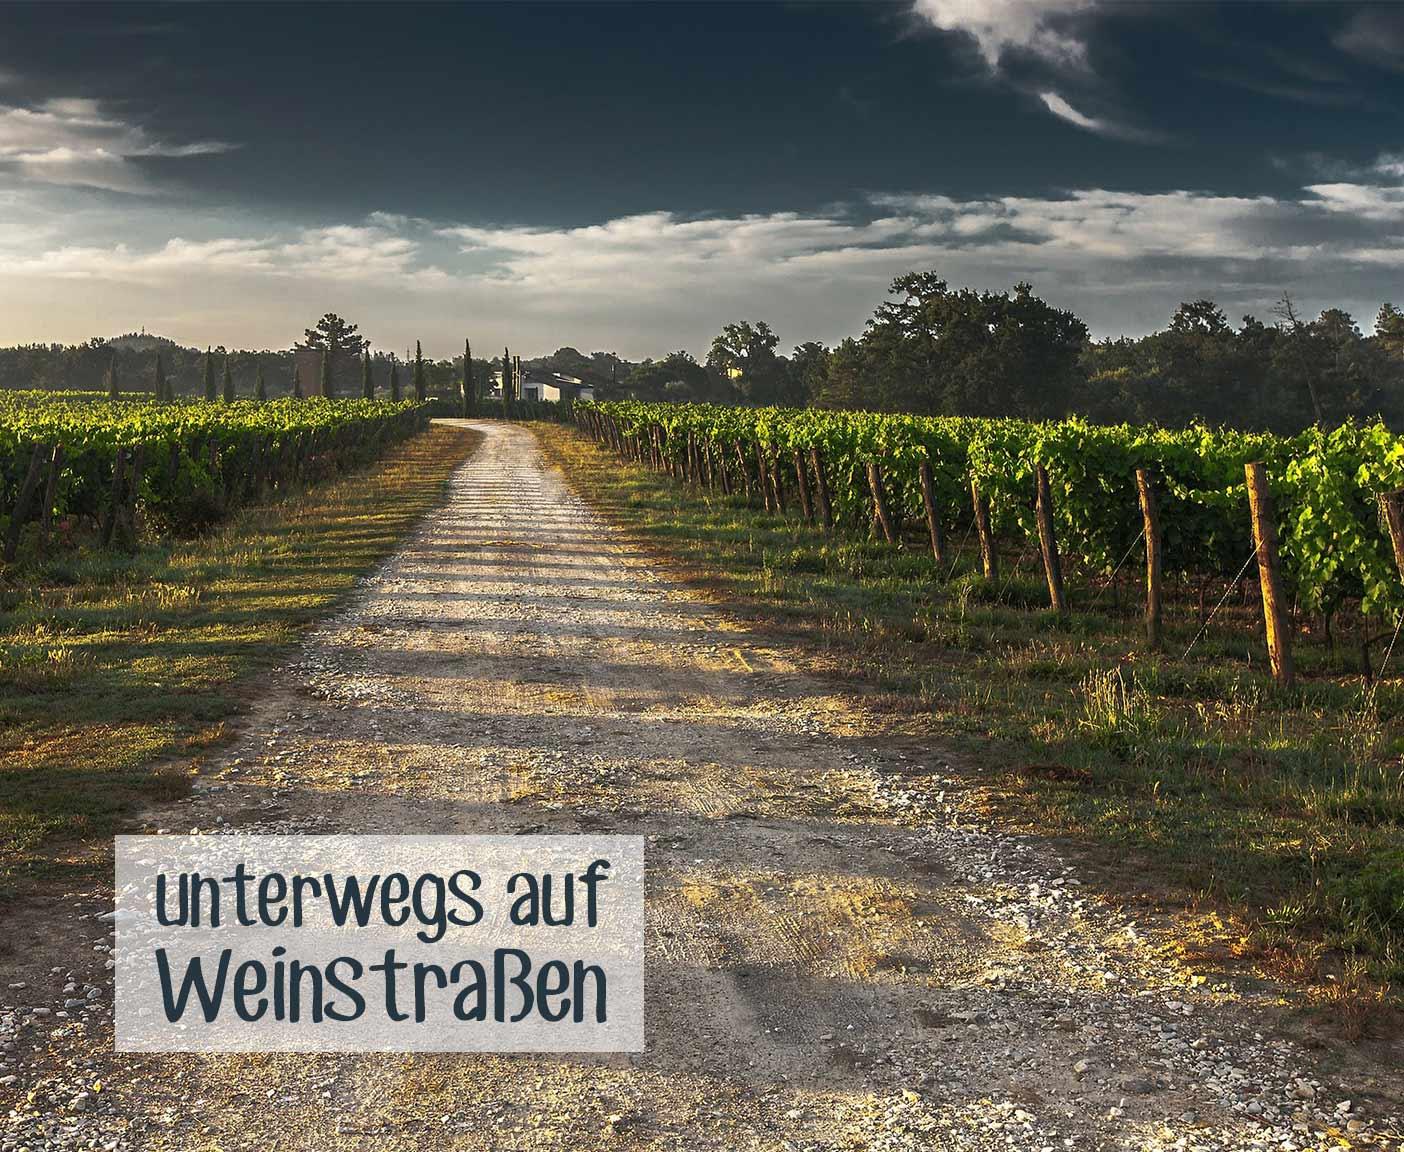 Weingut Schotterweg und Weinreben dunkelblauer Himmel PaulCamper Camping und wein